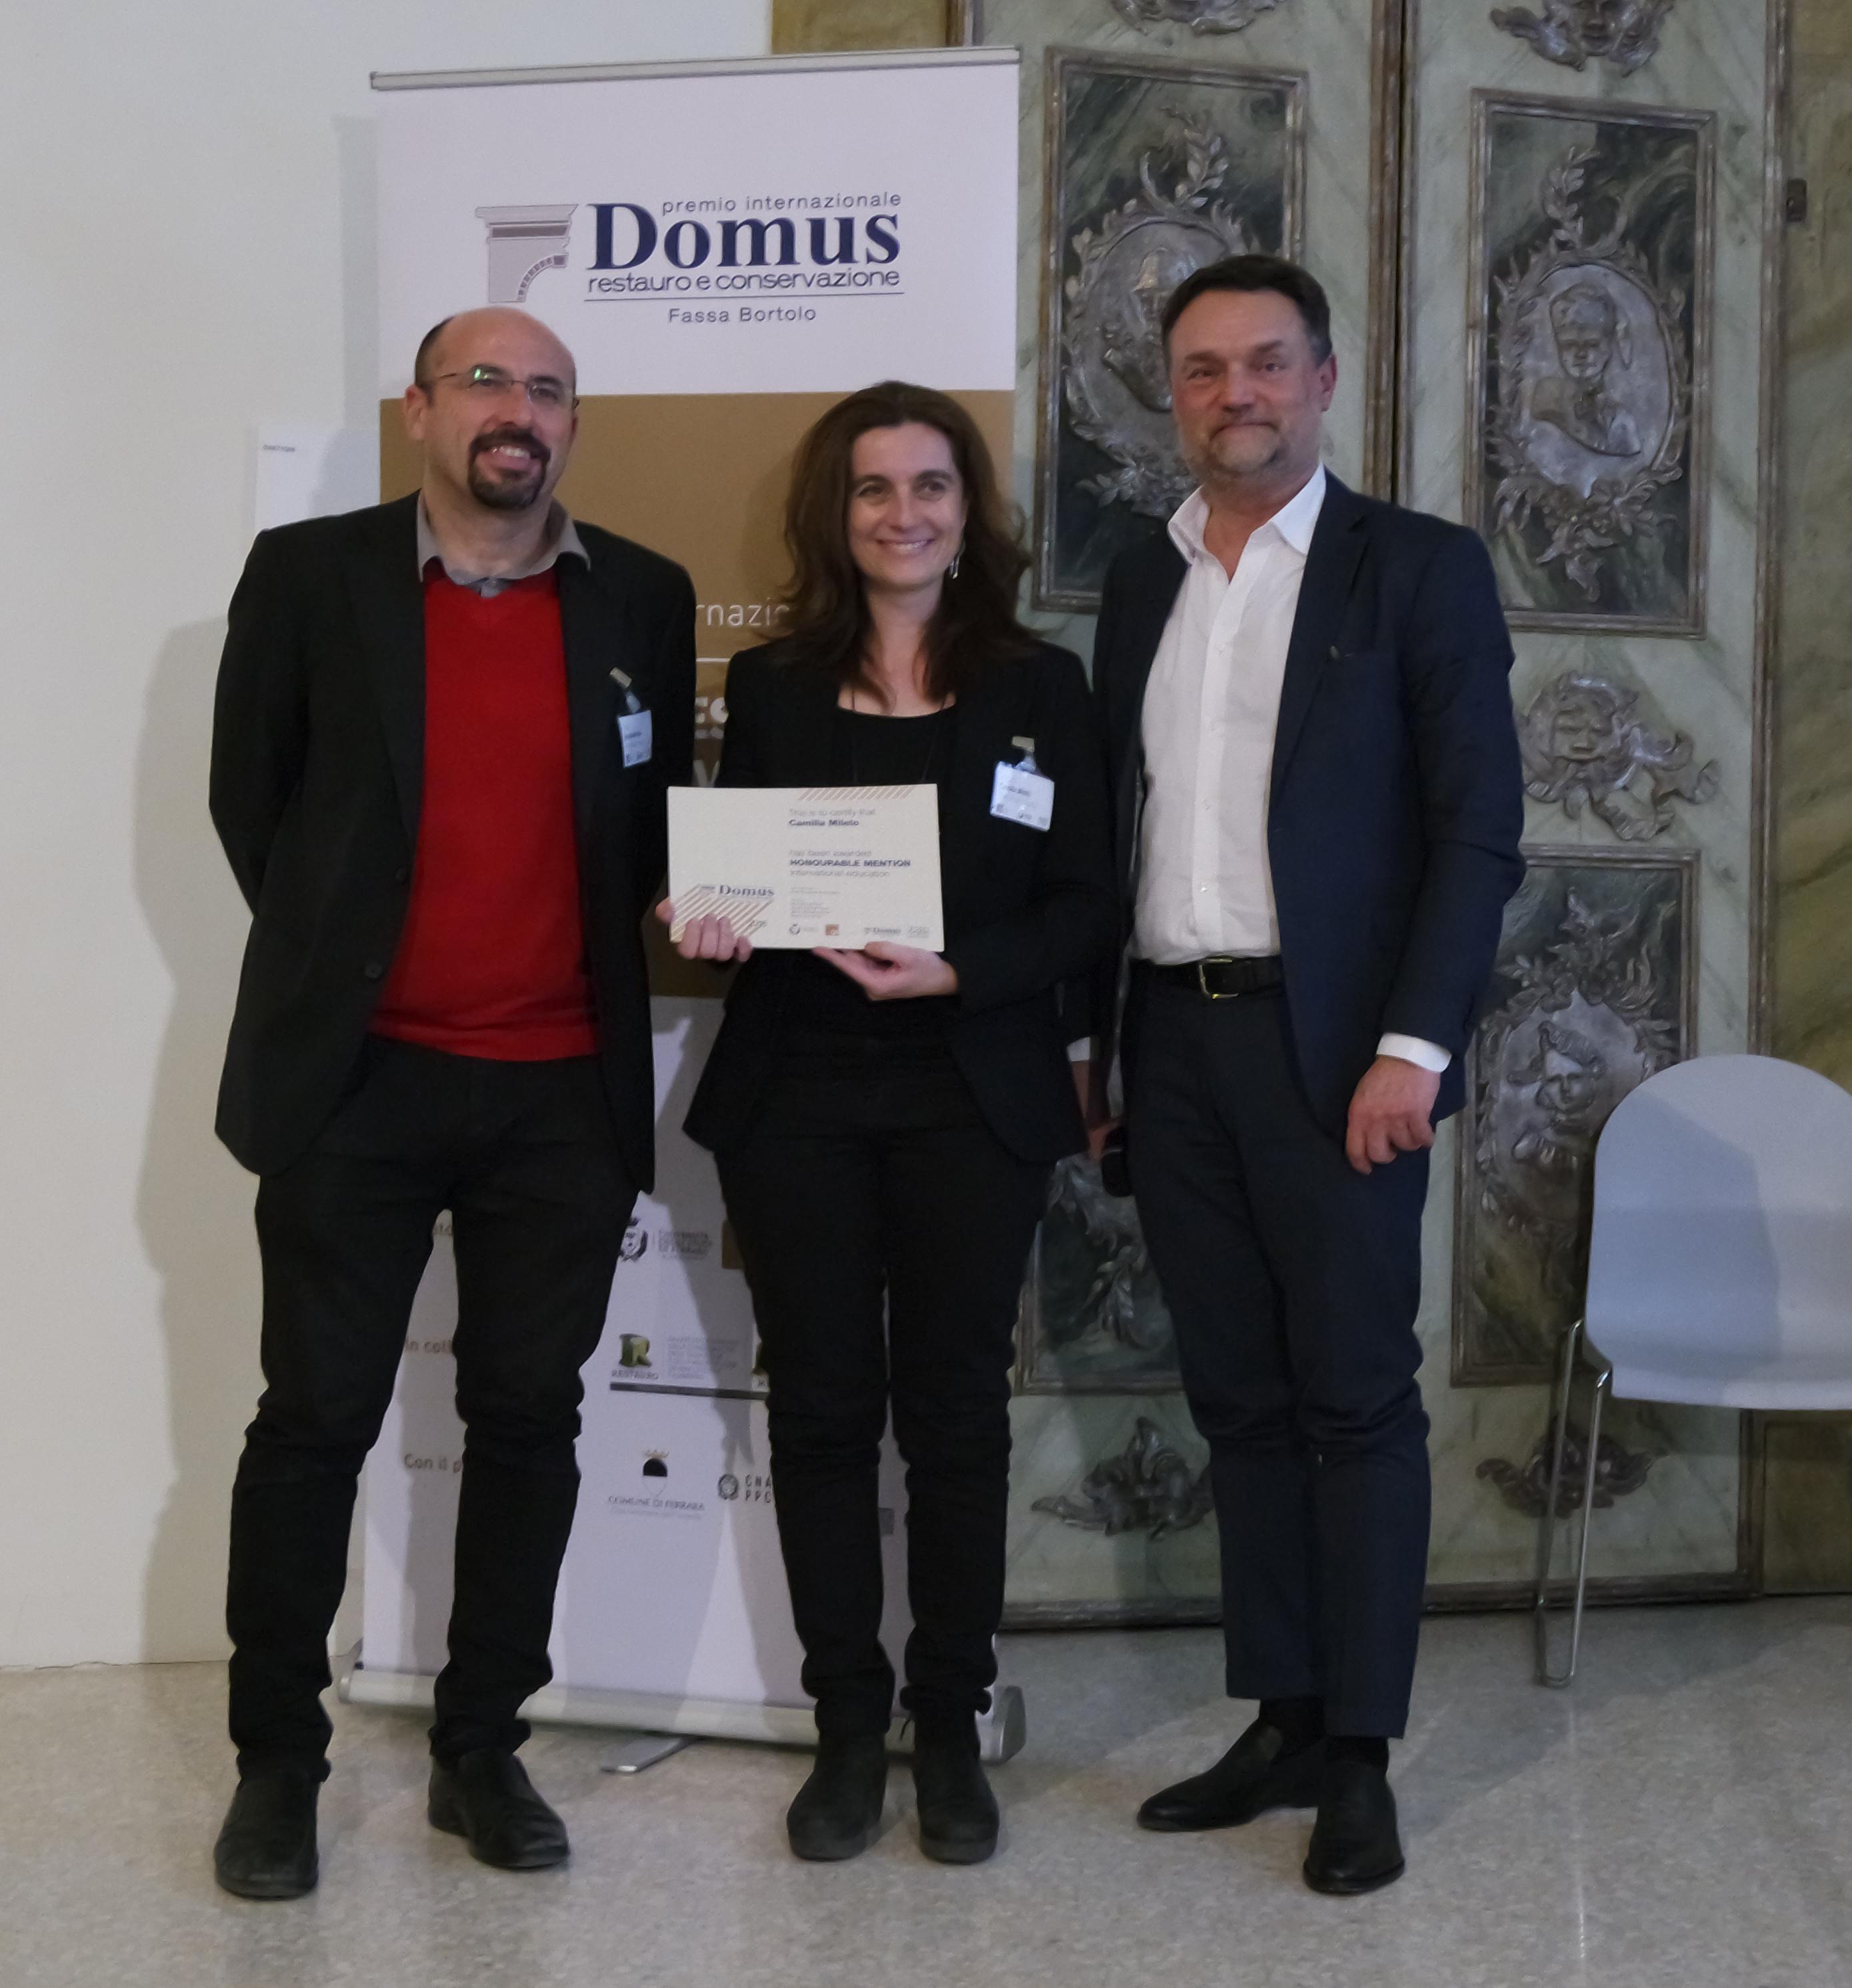 Premio domus asignatura restauraci n arquitect nica for Bauhaus valencia horario